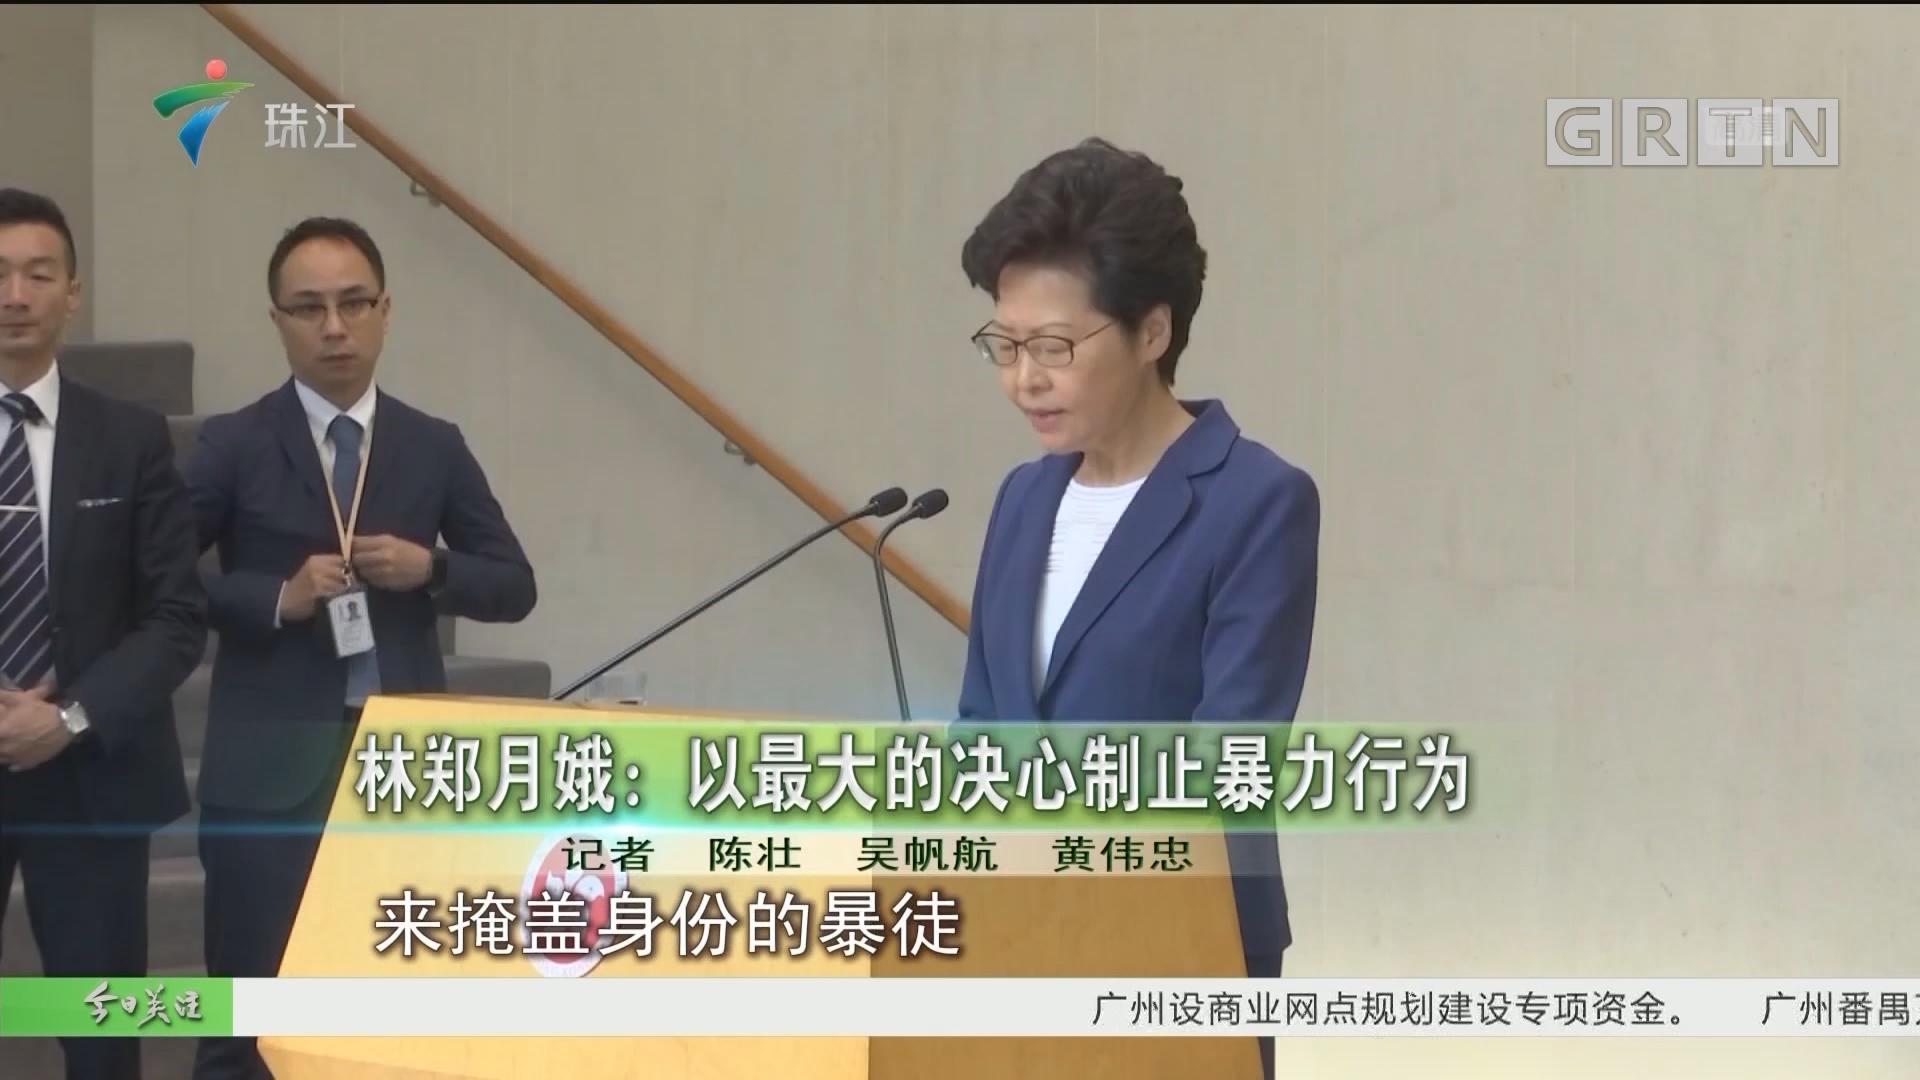 林郑月娥:以最大的决心制止暴力行为